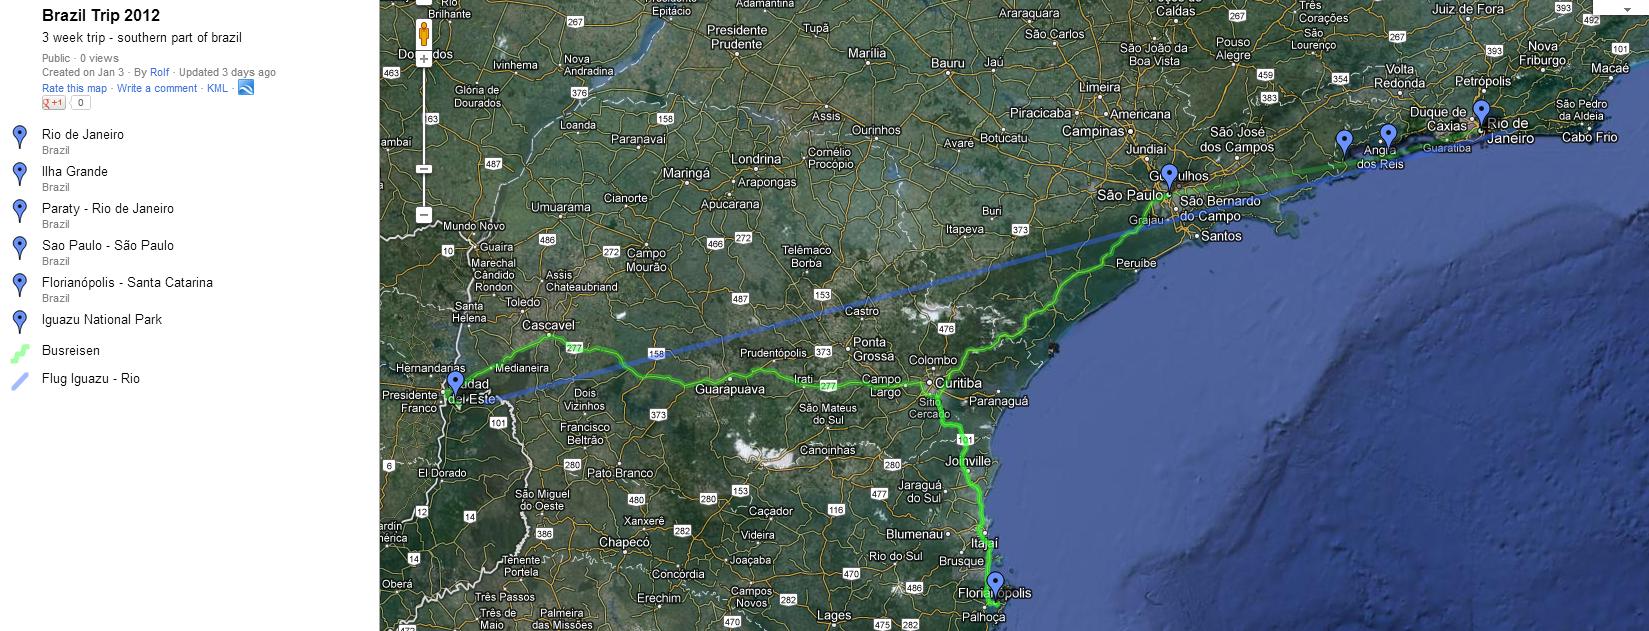 route der 3 wöchigen brasilien reise